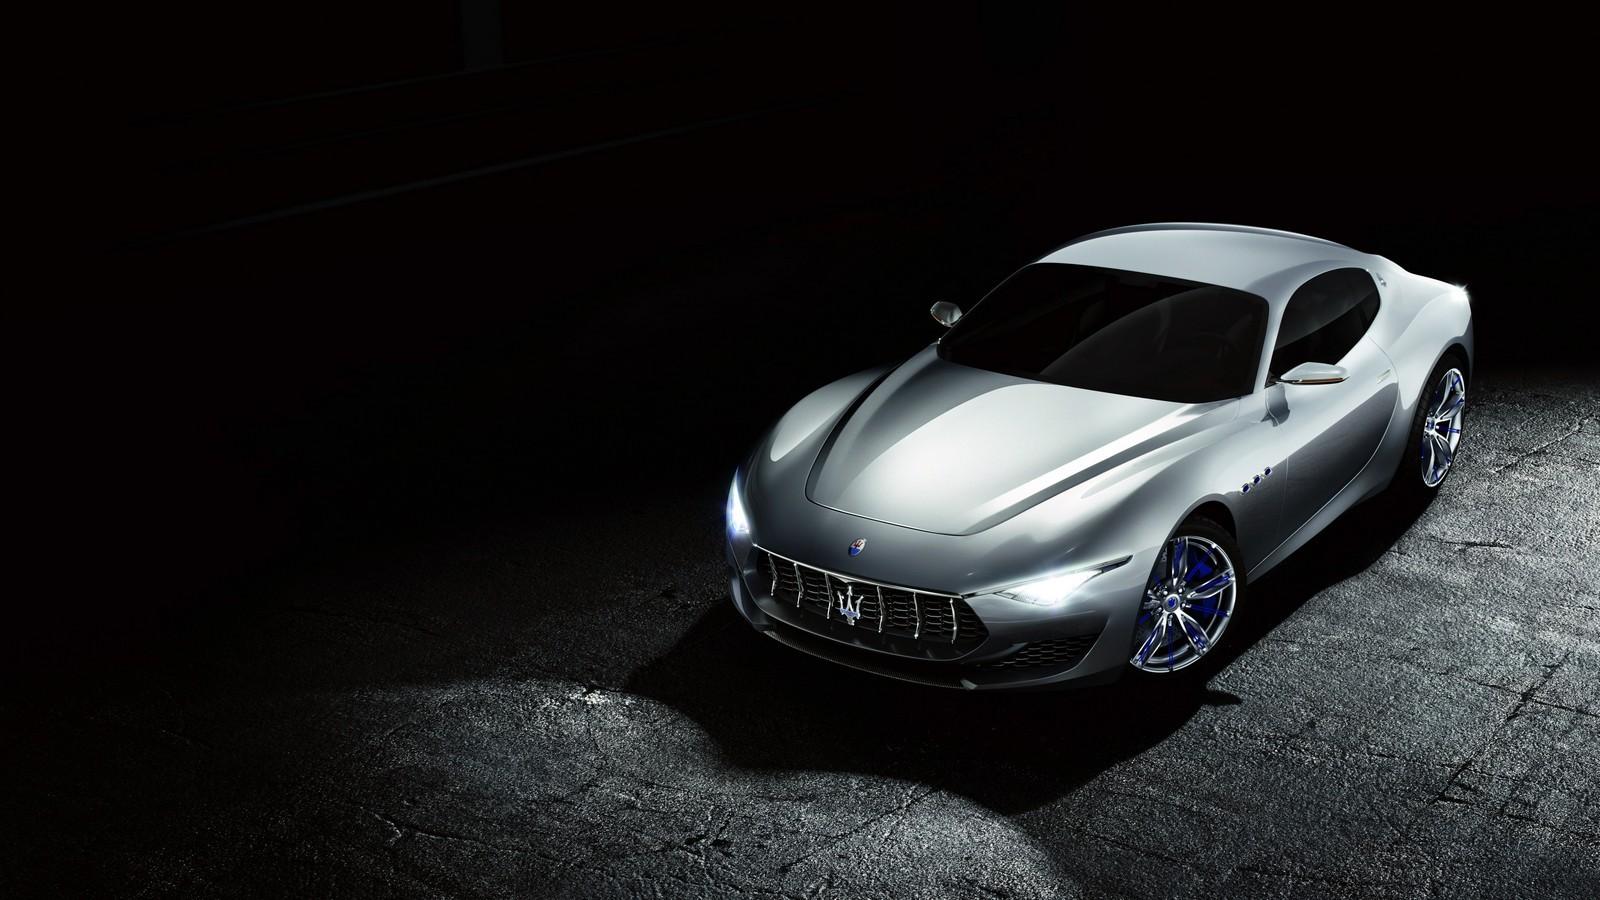 Maserati рассказала о своих планах на будущее 1